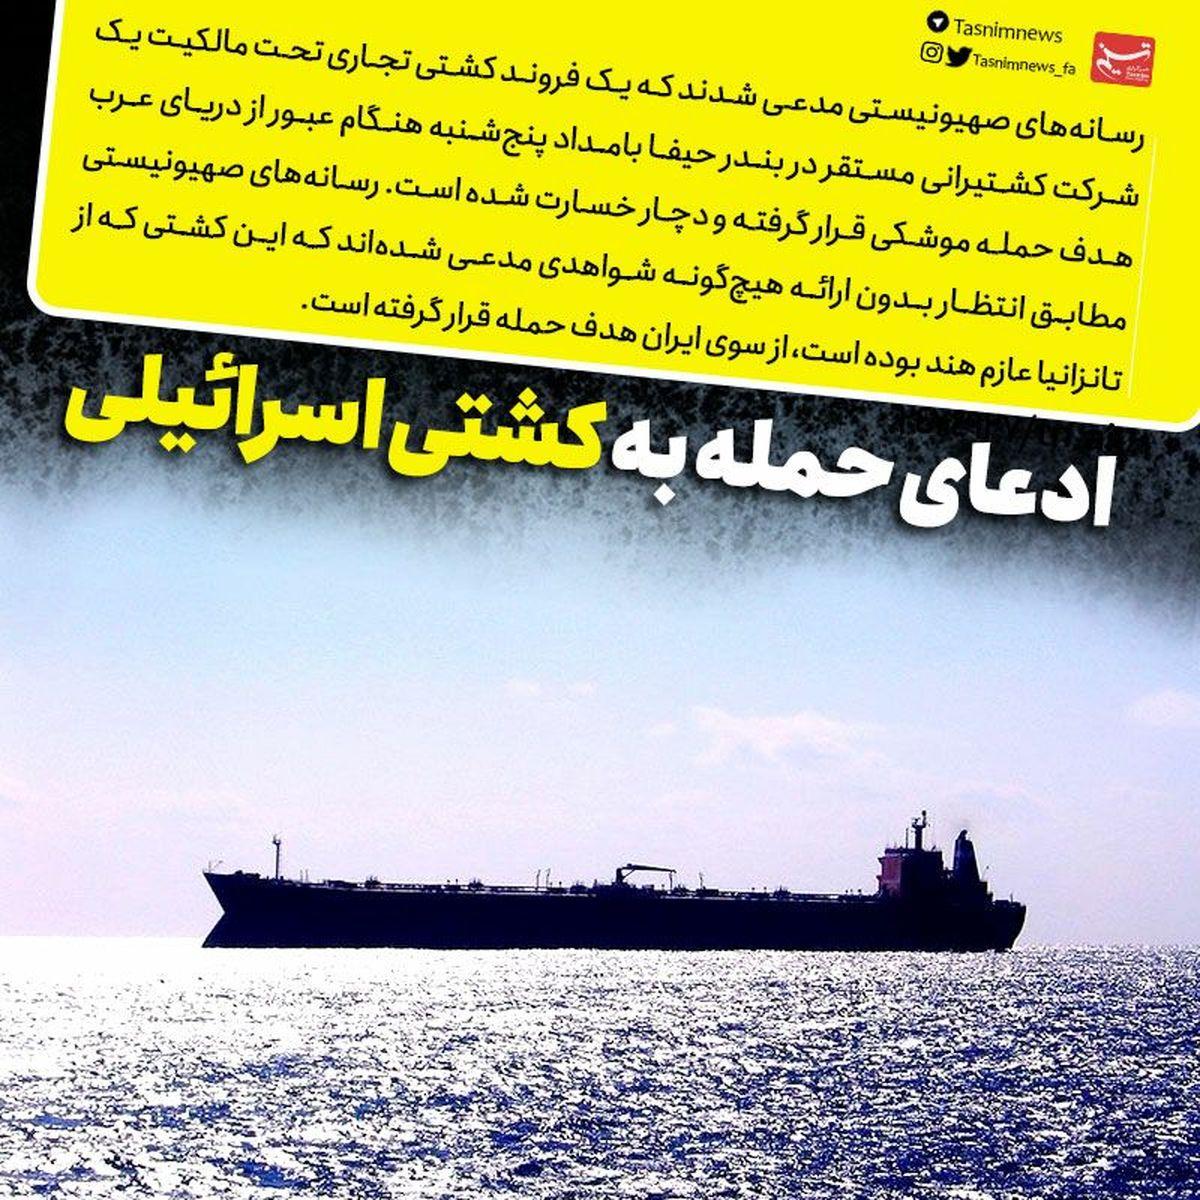 فوری/ ادعای حمله ایران به کشتی اسراییلی + جزئیات